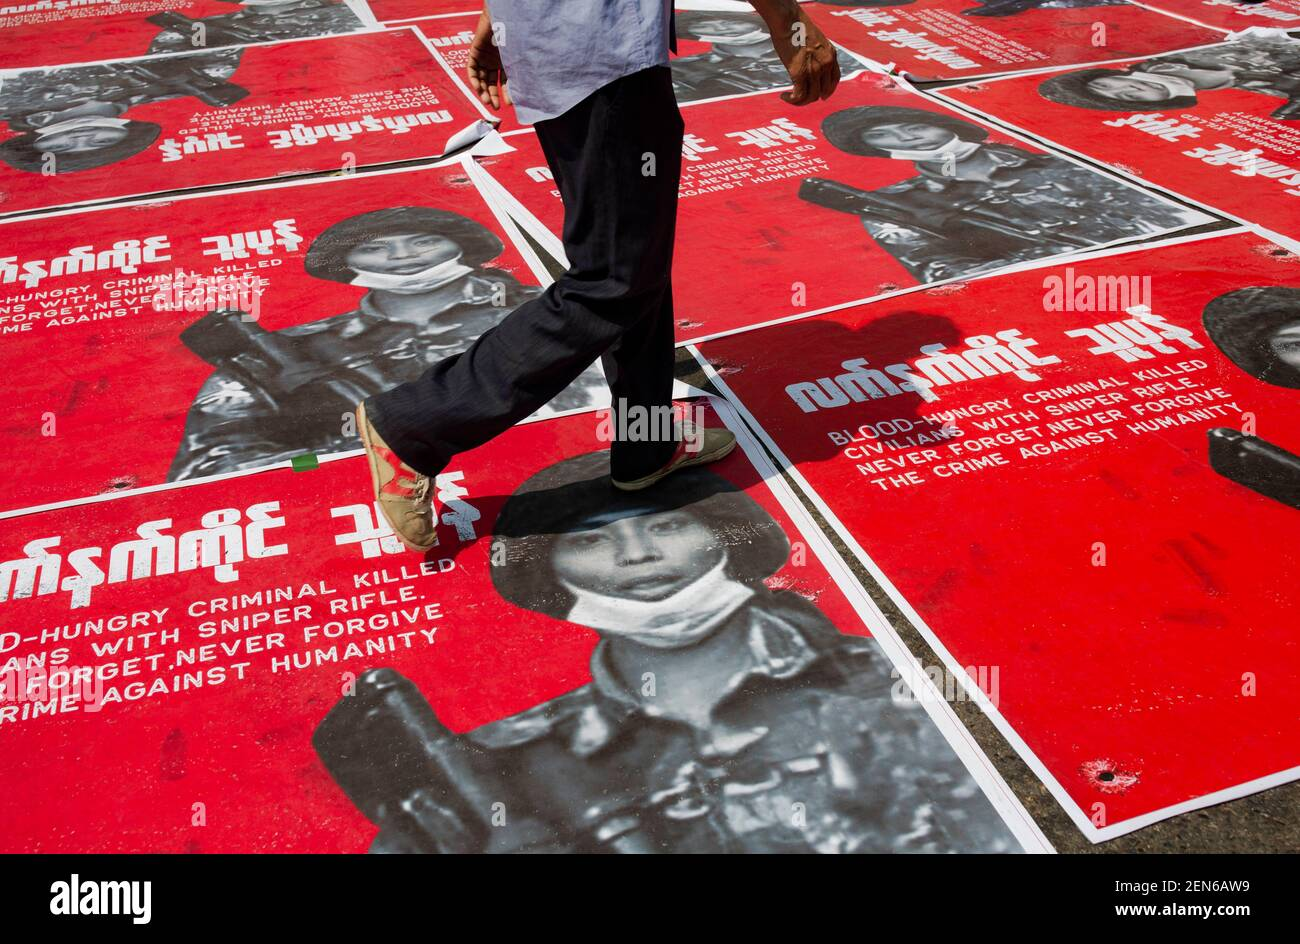 Yangon, Myanmar. 22 Feb 2021. Un passo di protesta su un ritratto del soldato dell'esercito del Myanmar che ha ucciso i civili nella manifestazione di Mandalay durante la protesta. Una folla massiccia scese per le strade di Yangon per protestare contro il colpo di stato militare e chiese il rilascio di Aung San Suu Kyi. L'esercito del Myanmar ha arrestato il consigliere di Stato del Myanmar Aung San Suu Kyi il 01 febbraio 2021 e ha dichiarato uno stato di emergenza mentre coglie il potere nel paese per un anno dopo aver perso l'elezione contro la Lega nazionale per la democrazia credito: Aung Kyaw Htet/SOPA Images/ZUMA Wire/Alamy Live News Foto Stock